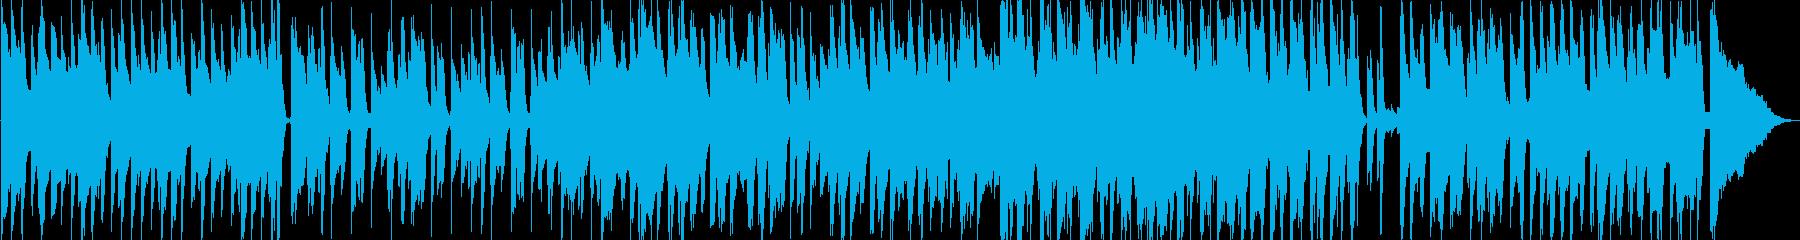 アコースティックな可愛い日常BGMの再生済みの波形